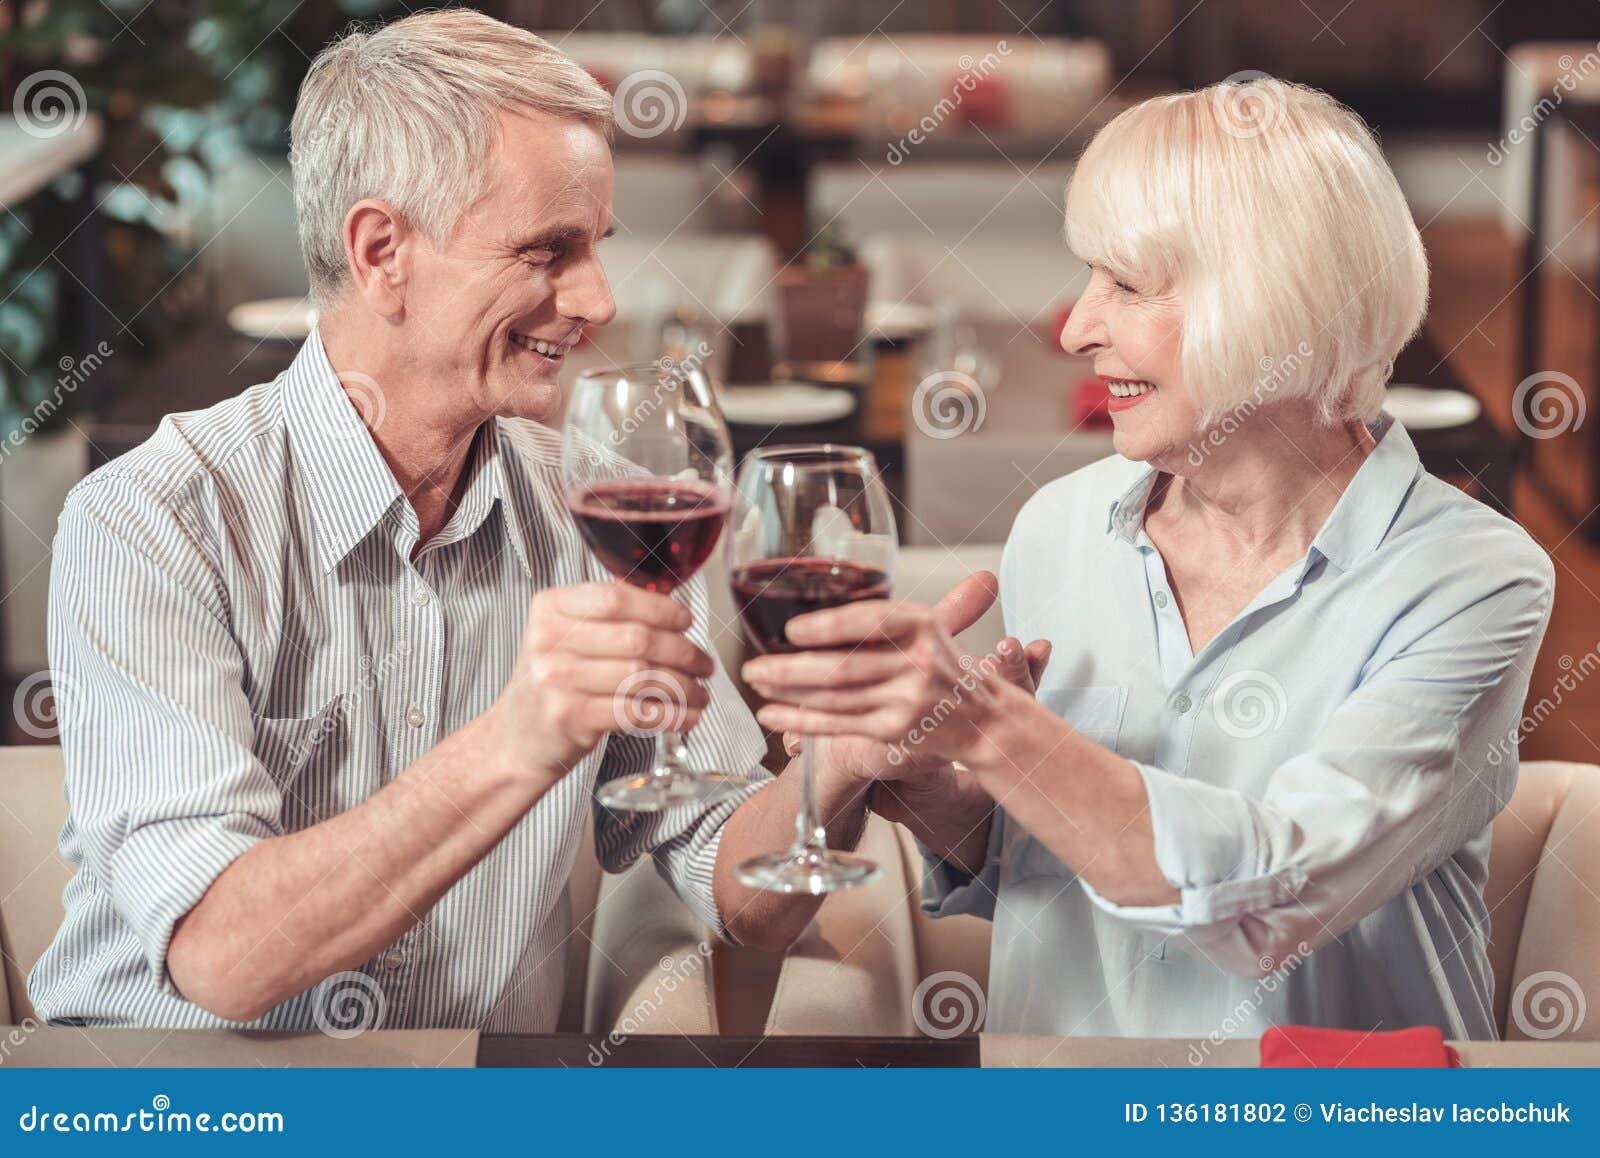 Stara para świętuje rocznicę wpólnie w kawiarni